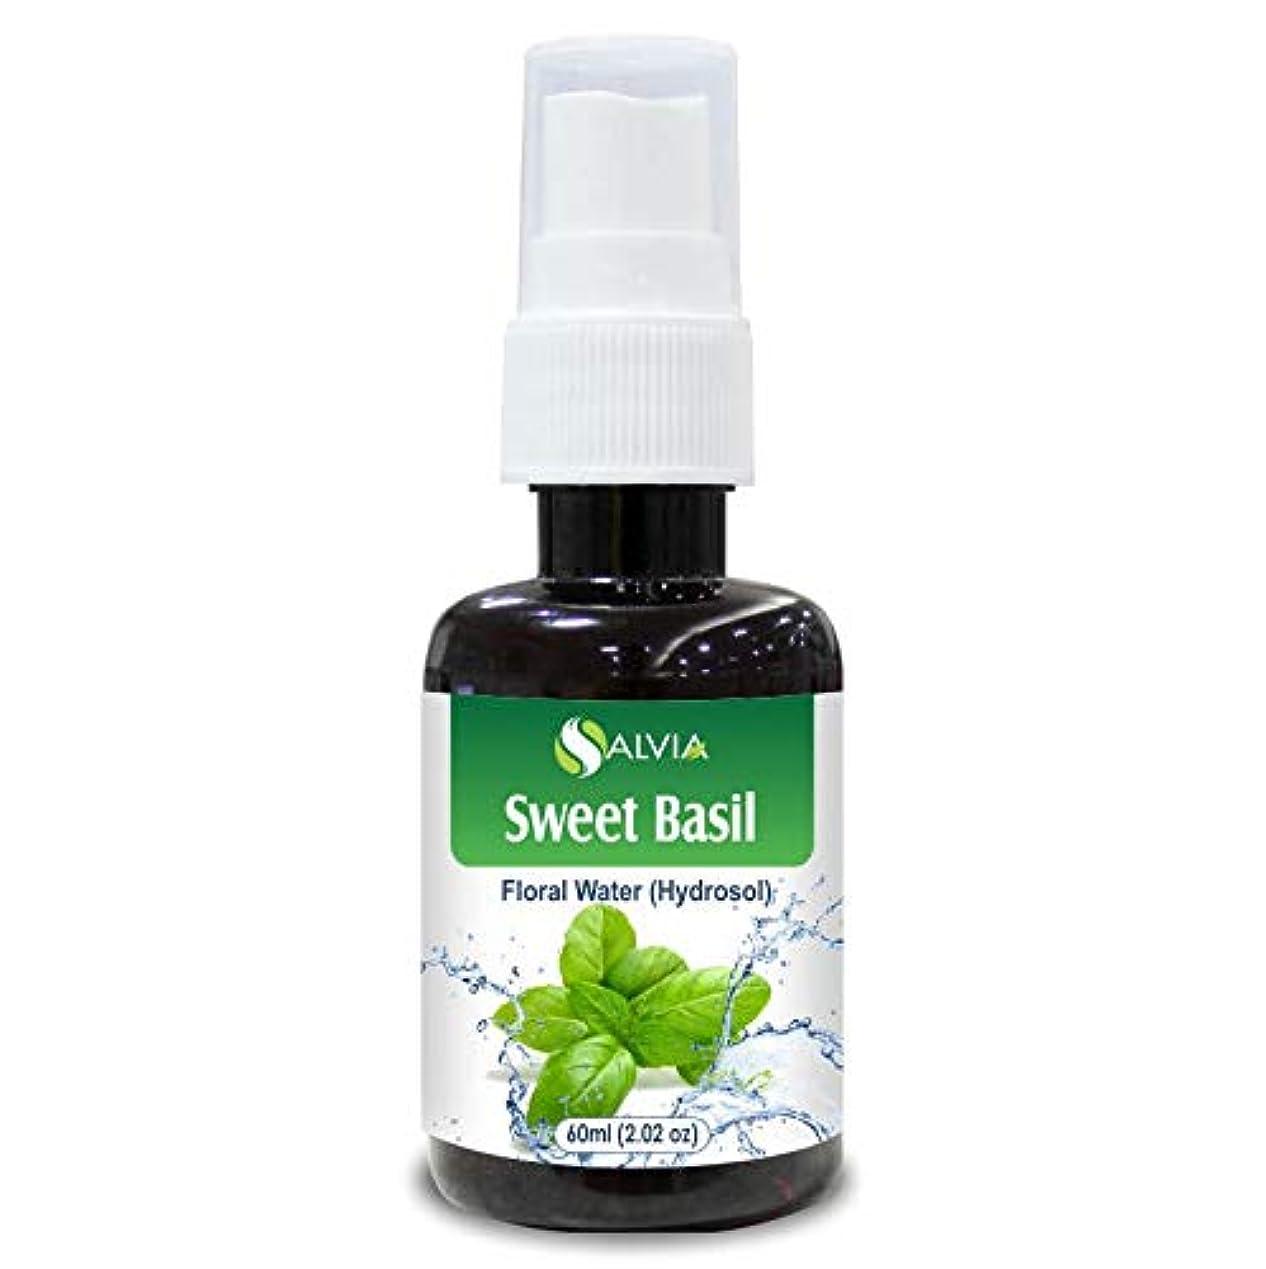 ハーフ公園検出可能Sweet Basil Floral Water 60ml (Hydrosol) 100% Pure And Natural